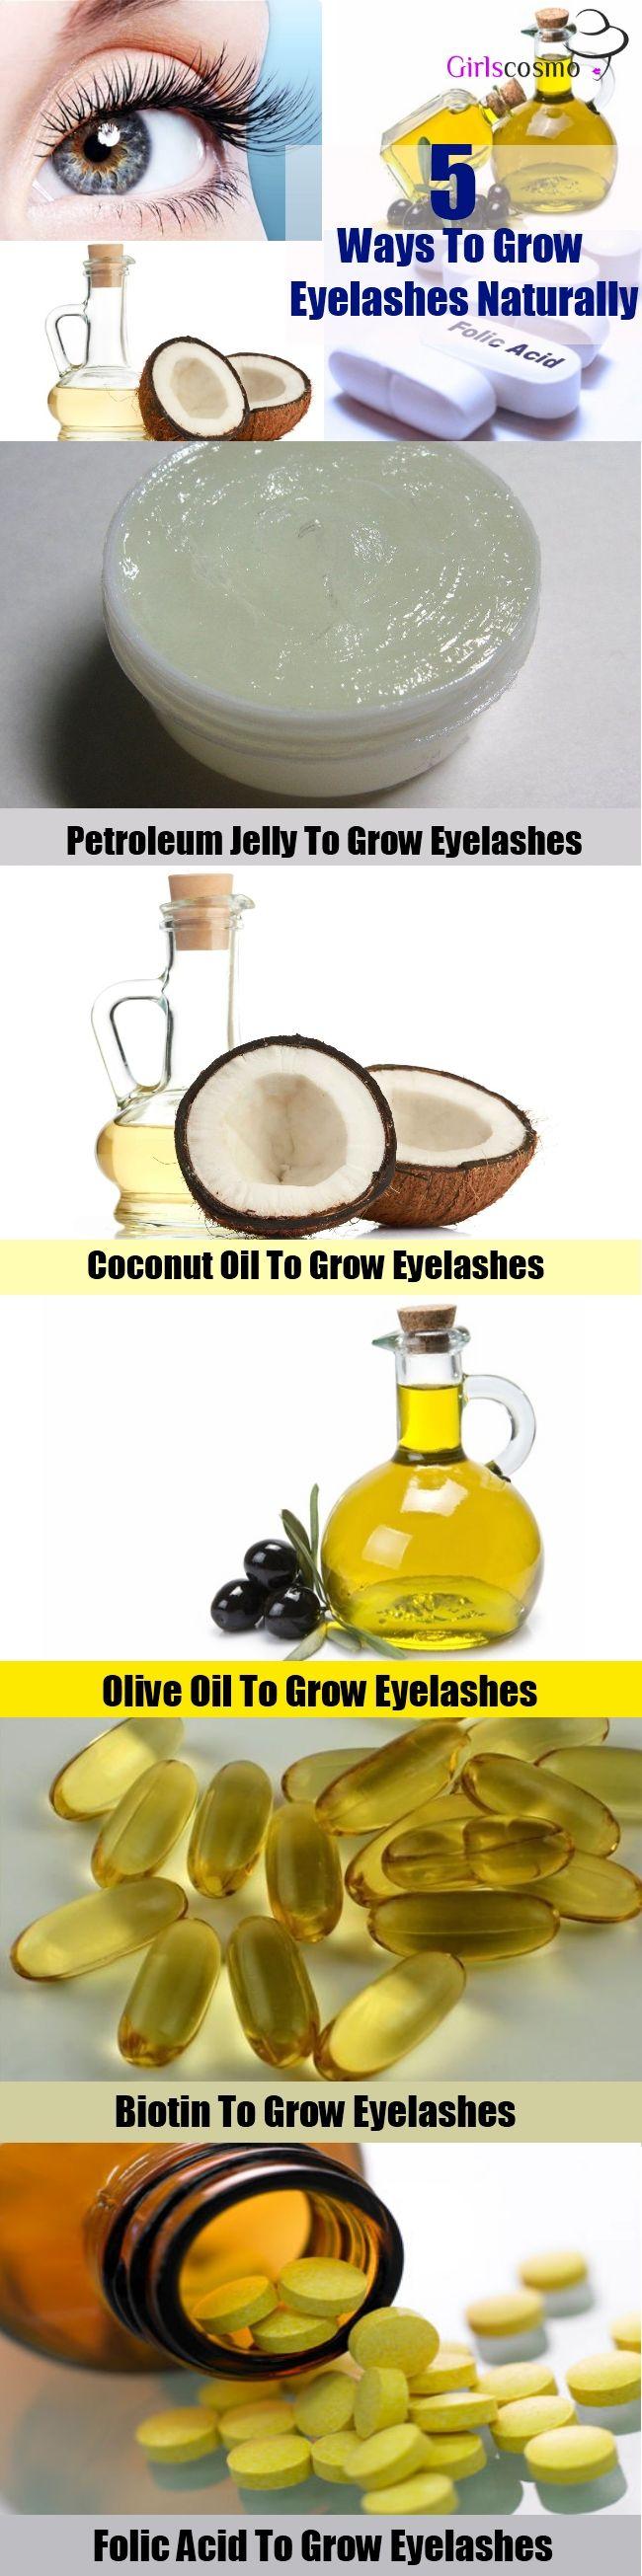 5 Ways To Grow Eyelashes Naturally